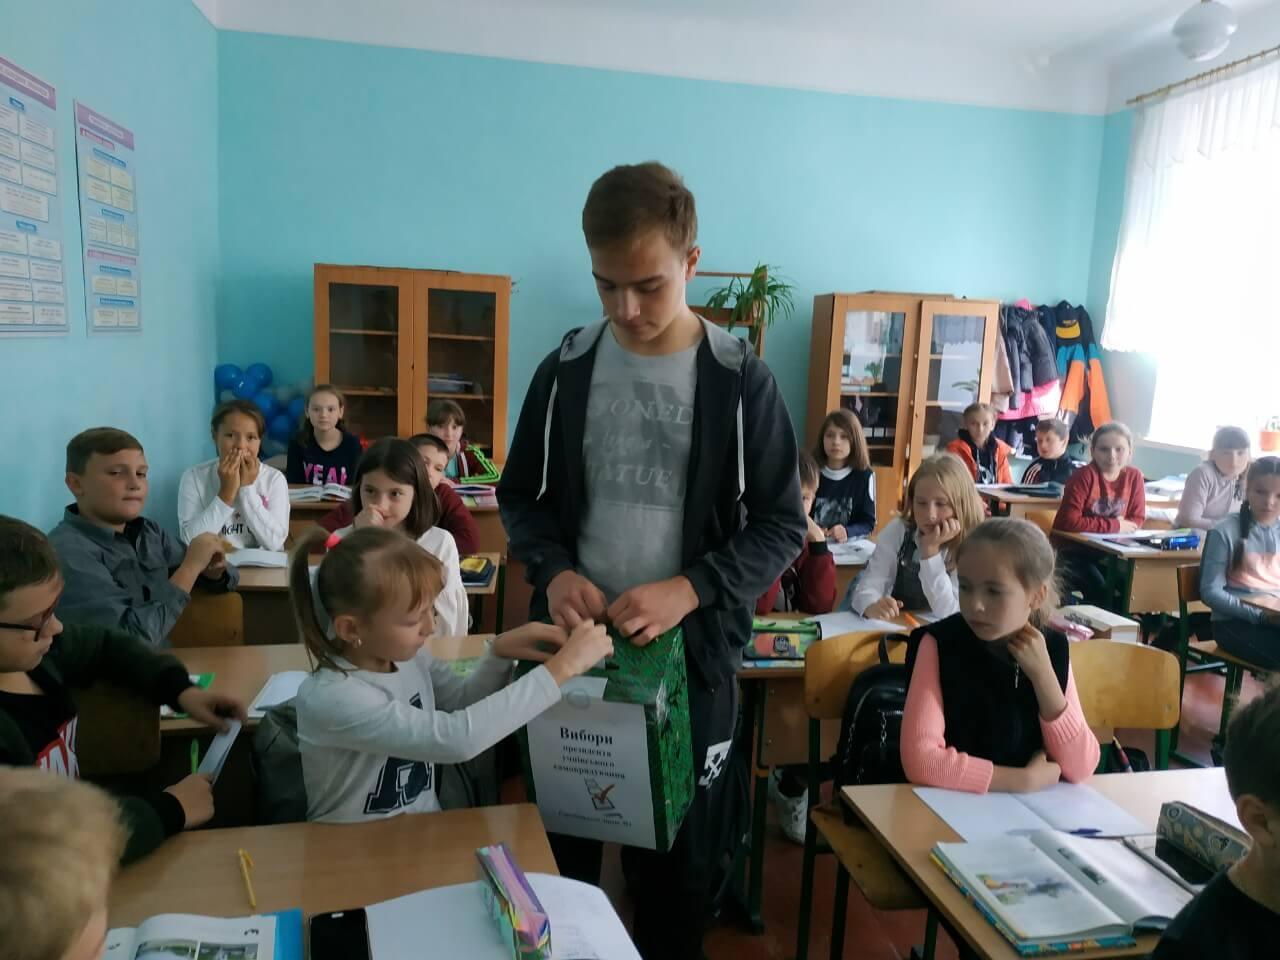 zobrazhennya viber 2019 09 25 16 11 45 - Вибори президента учнівського самоврядування